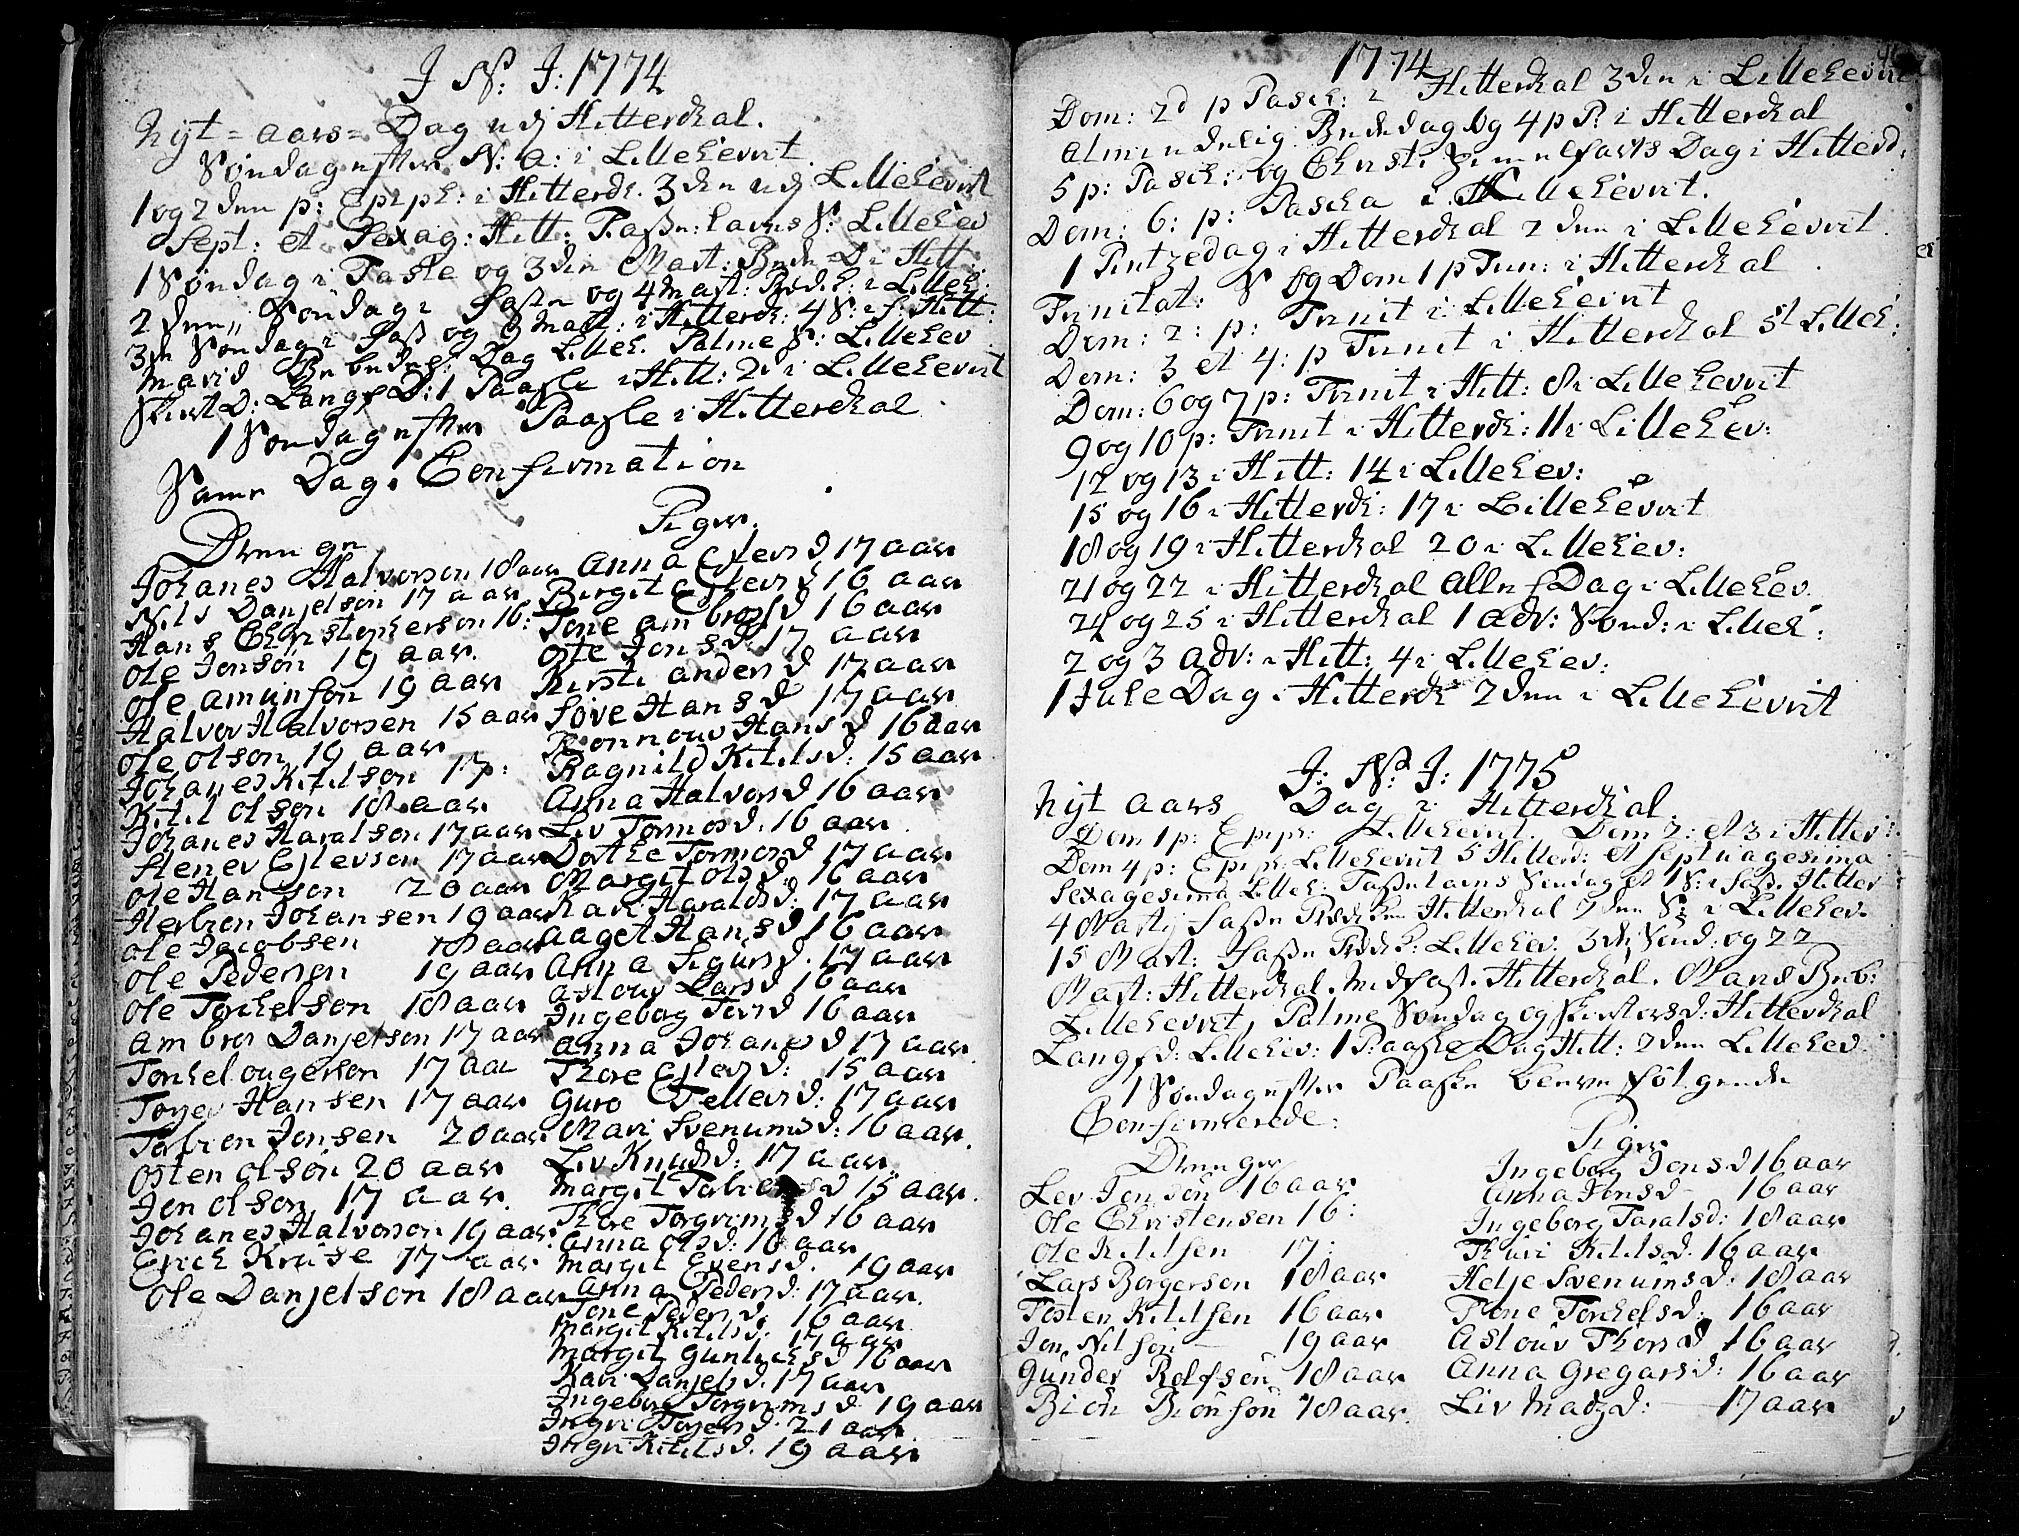 SAKO, Heddal kirkebøker, F/Fa/L0003: Ministerialbok nr. I 3, 1723-1783, s. 46